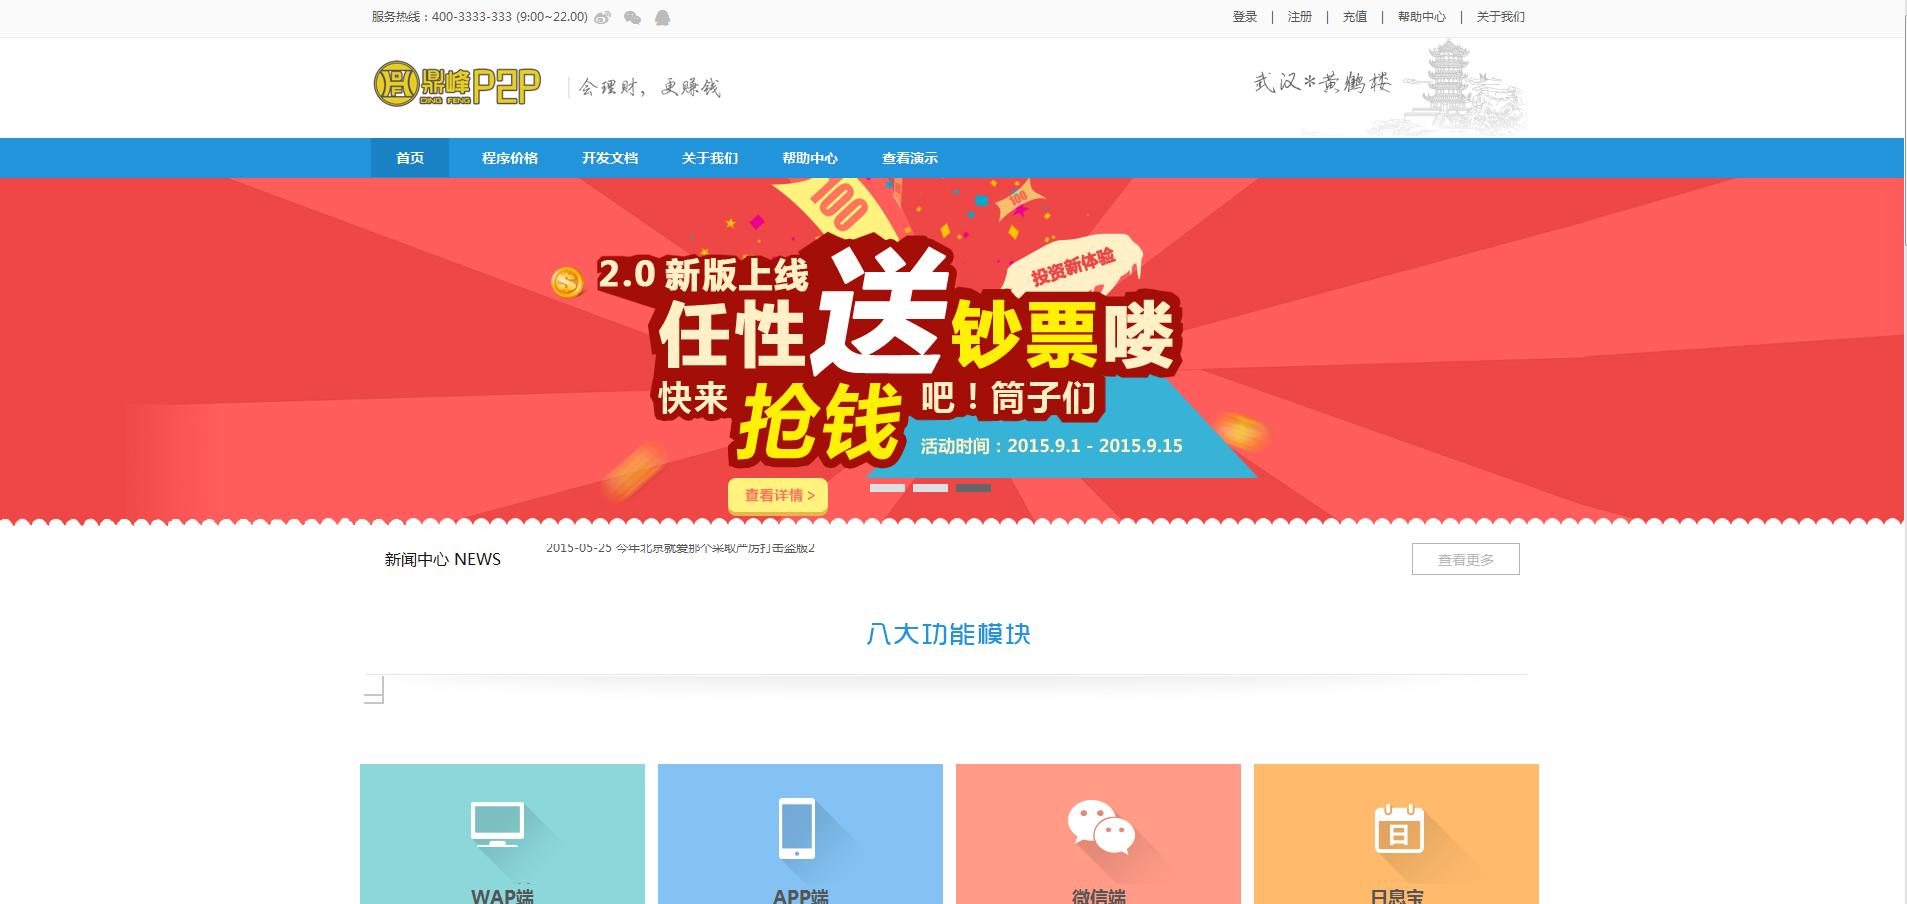 蓝色的P2P投资理财平台网页模板下载